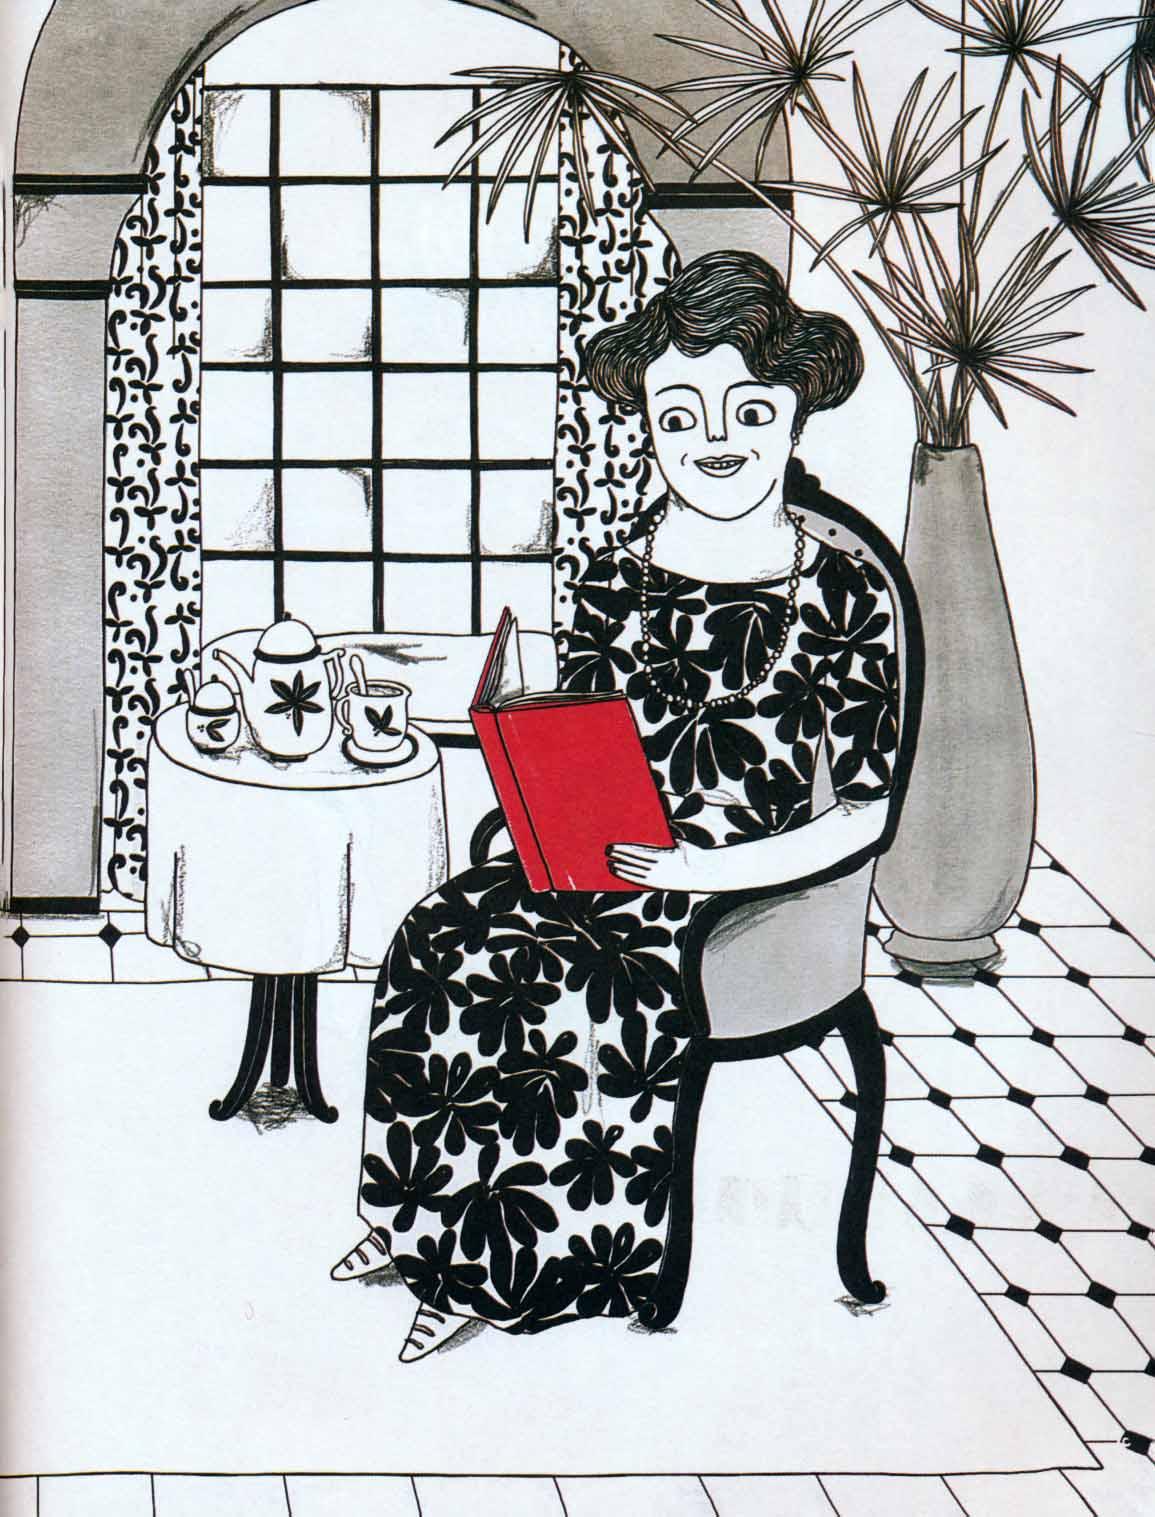 آگاتا کریستی (زنان کوچک رویاهای دور و دراز)